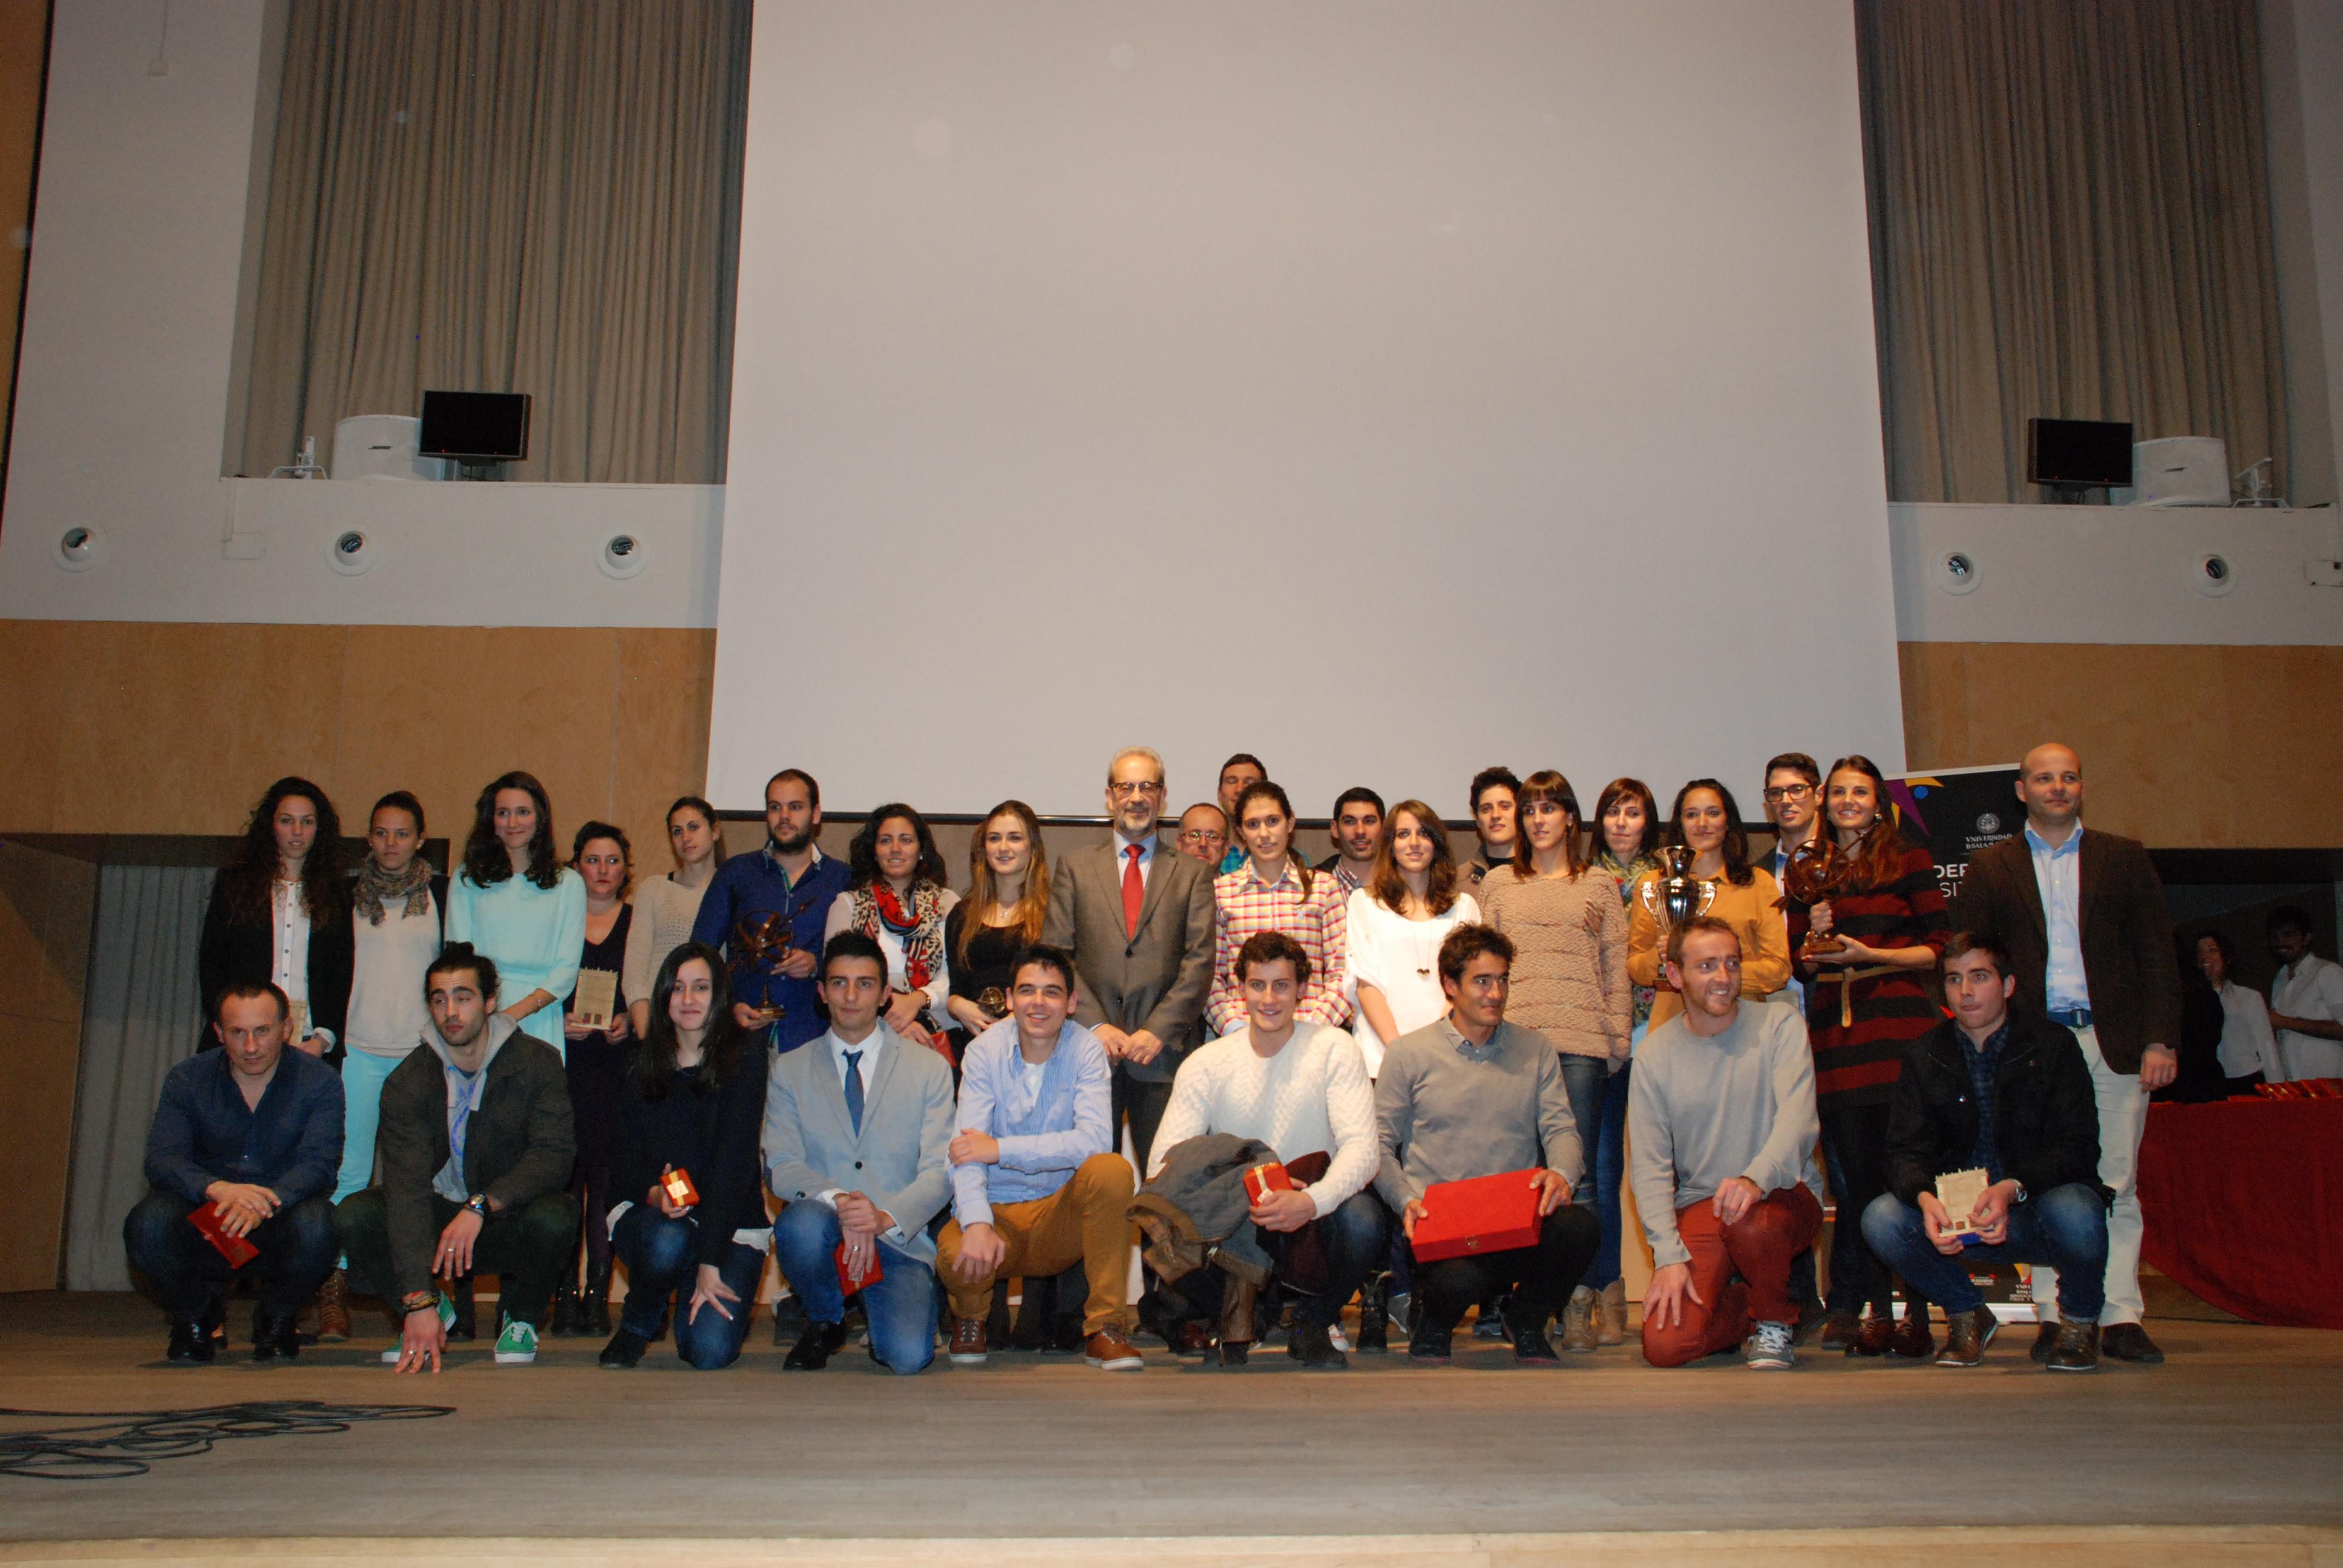 Gema Martín, Javier Bernal y el equipo de Baloncesto Femenino de la Universidad, mejores deportistas universitarios del curso 2013-2014